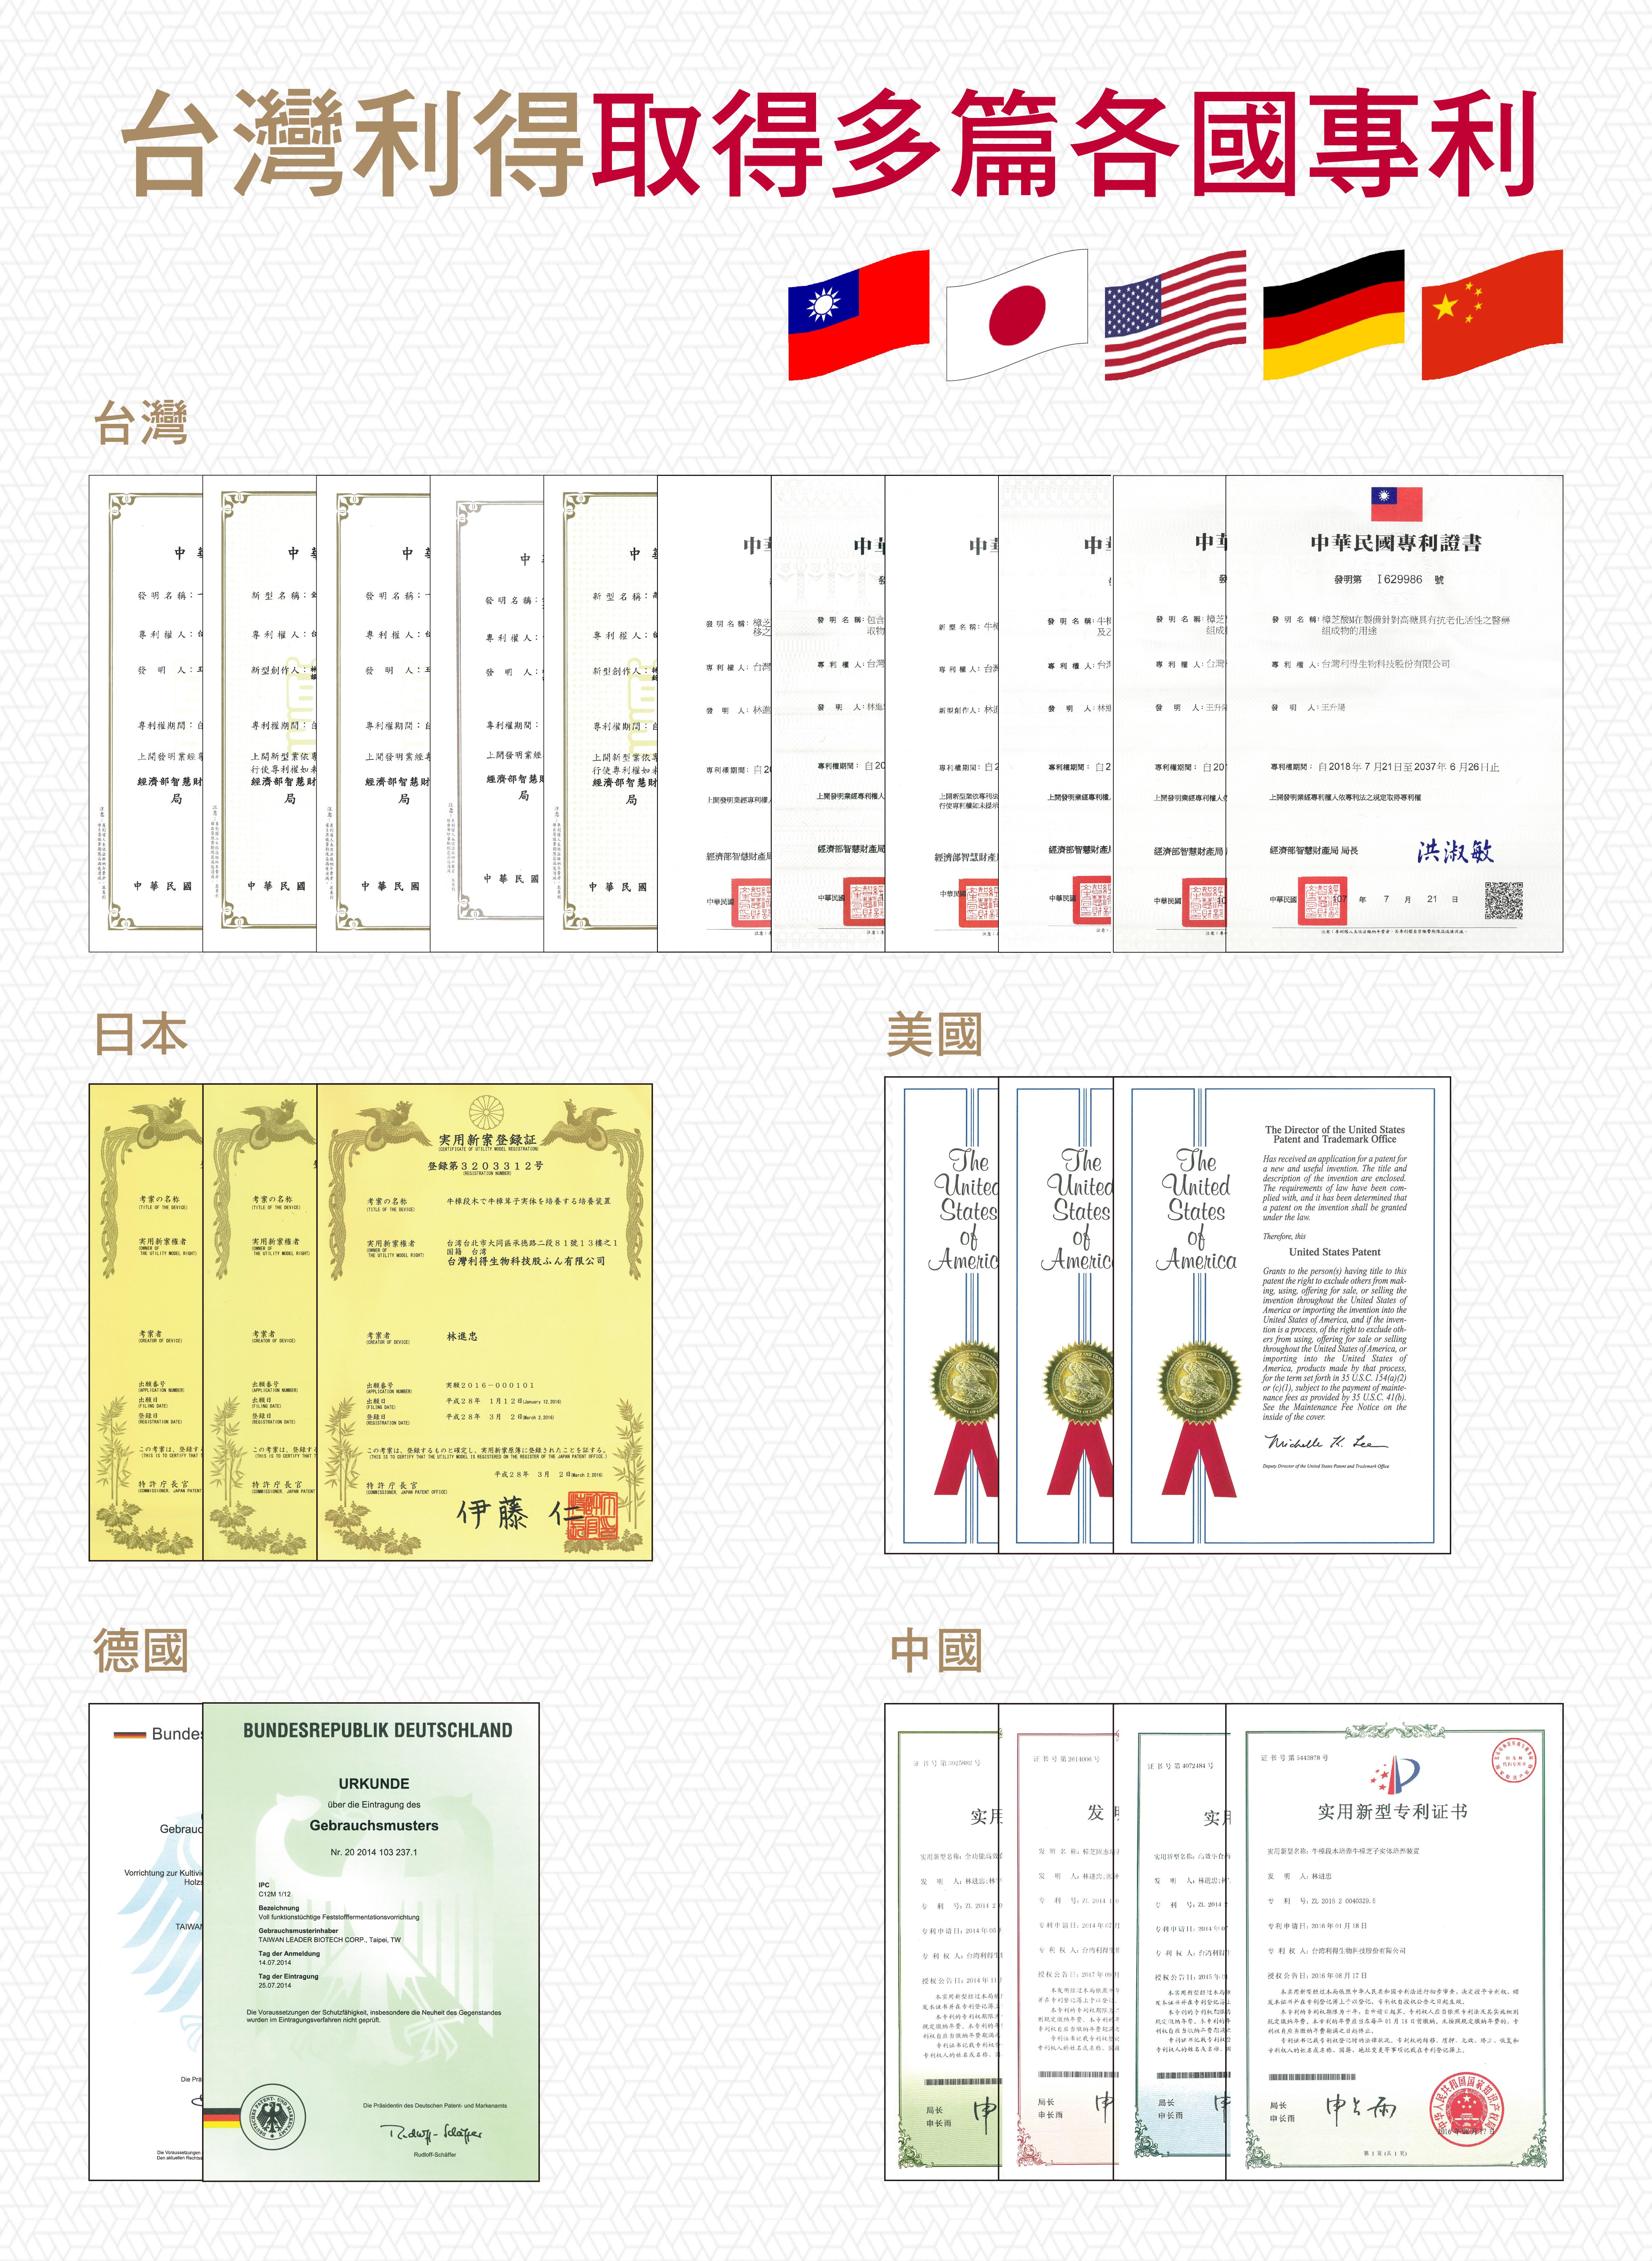 專利及期刊發表(更新)-0417_多國專利